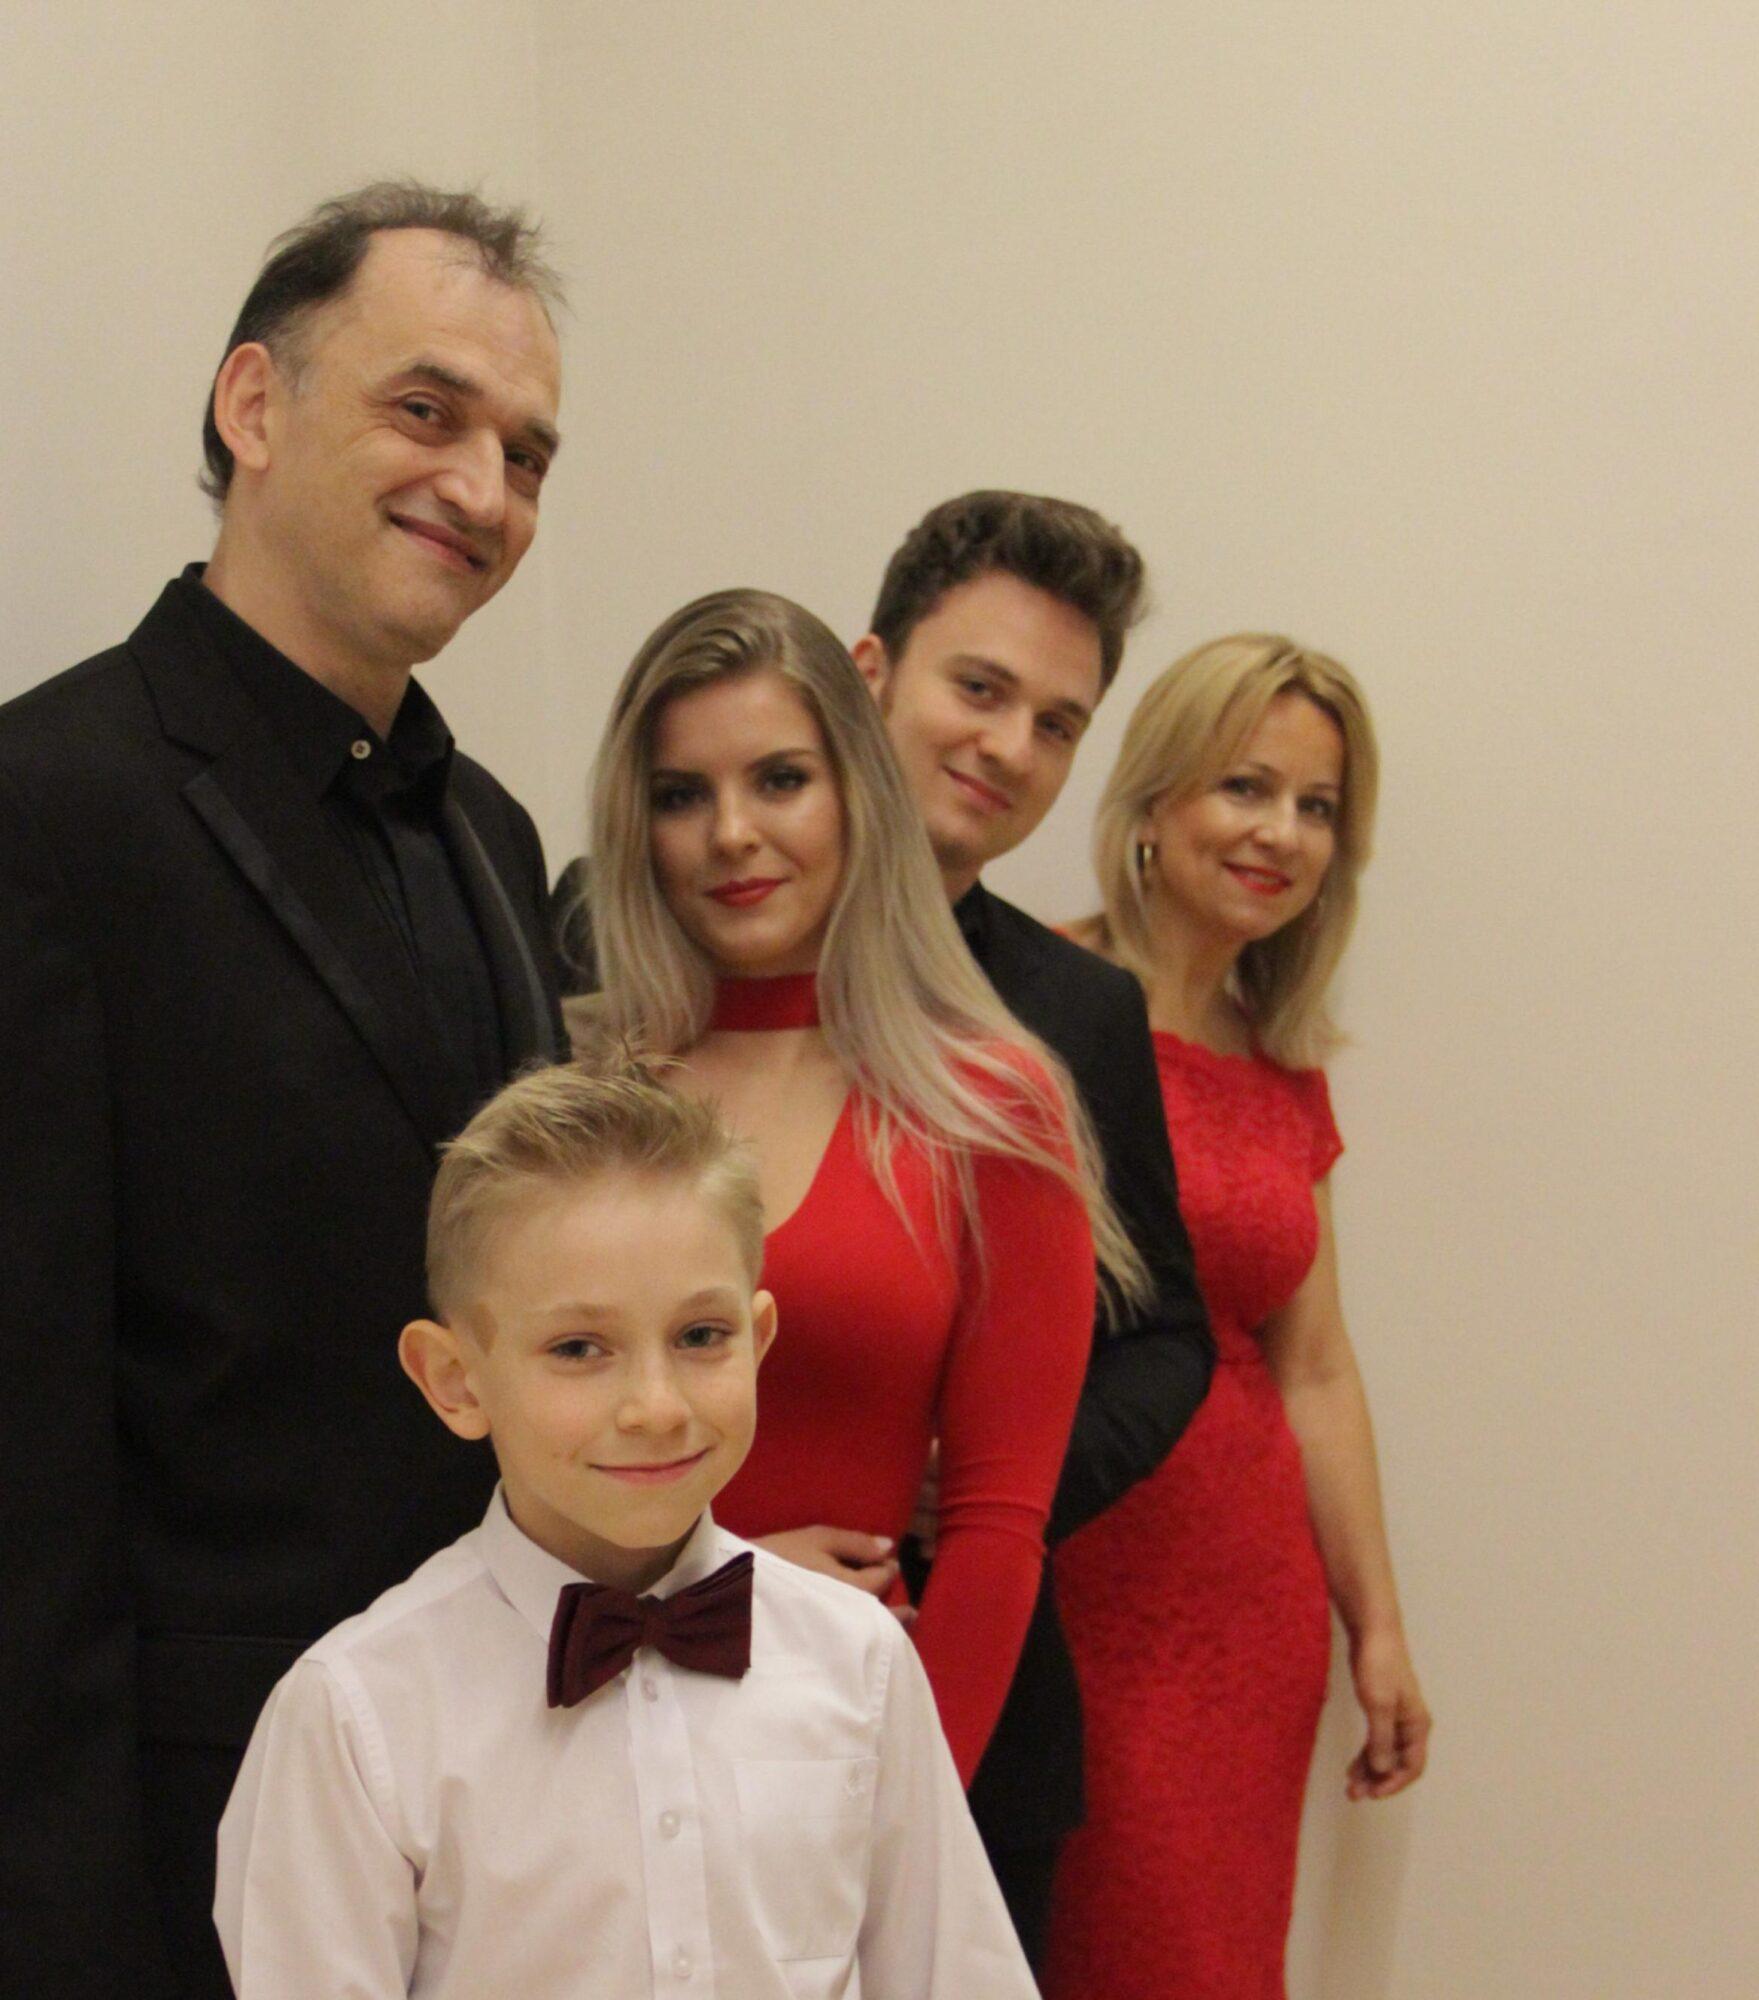 Rodzina Wantuła w wieczorowych strojach. Zdjęcie promocyjne